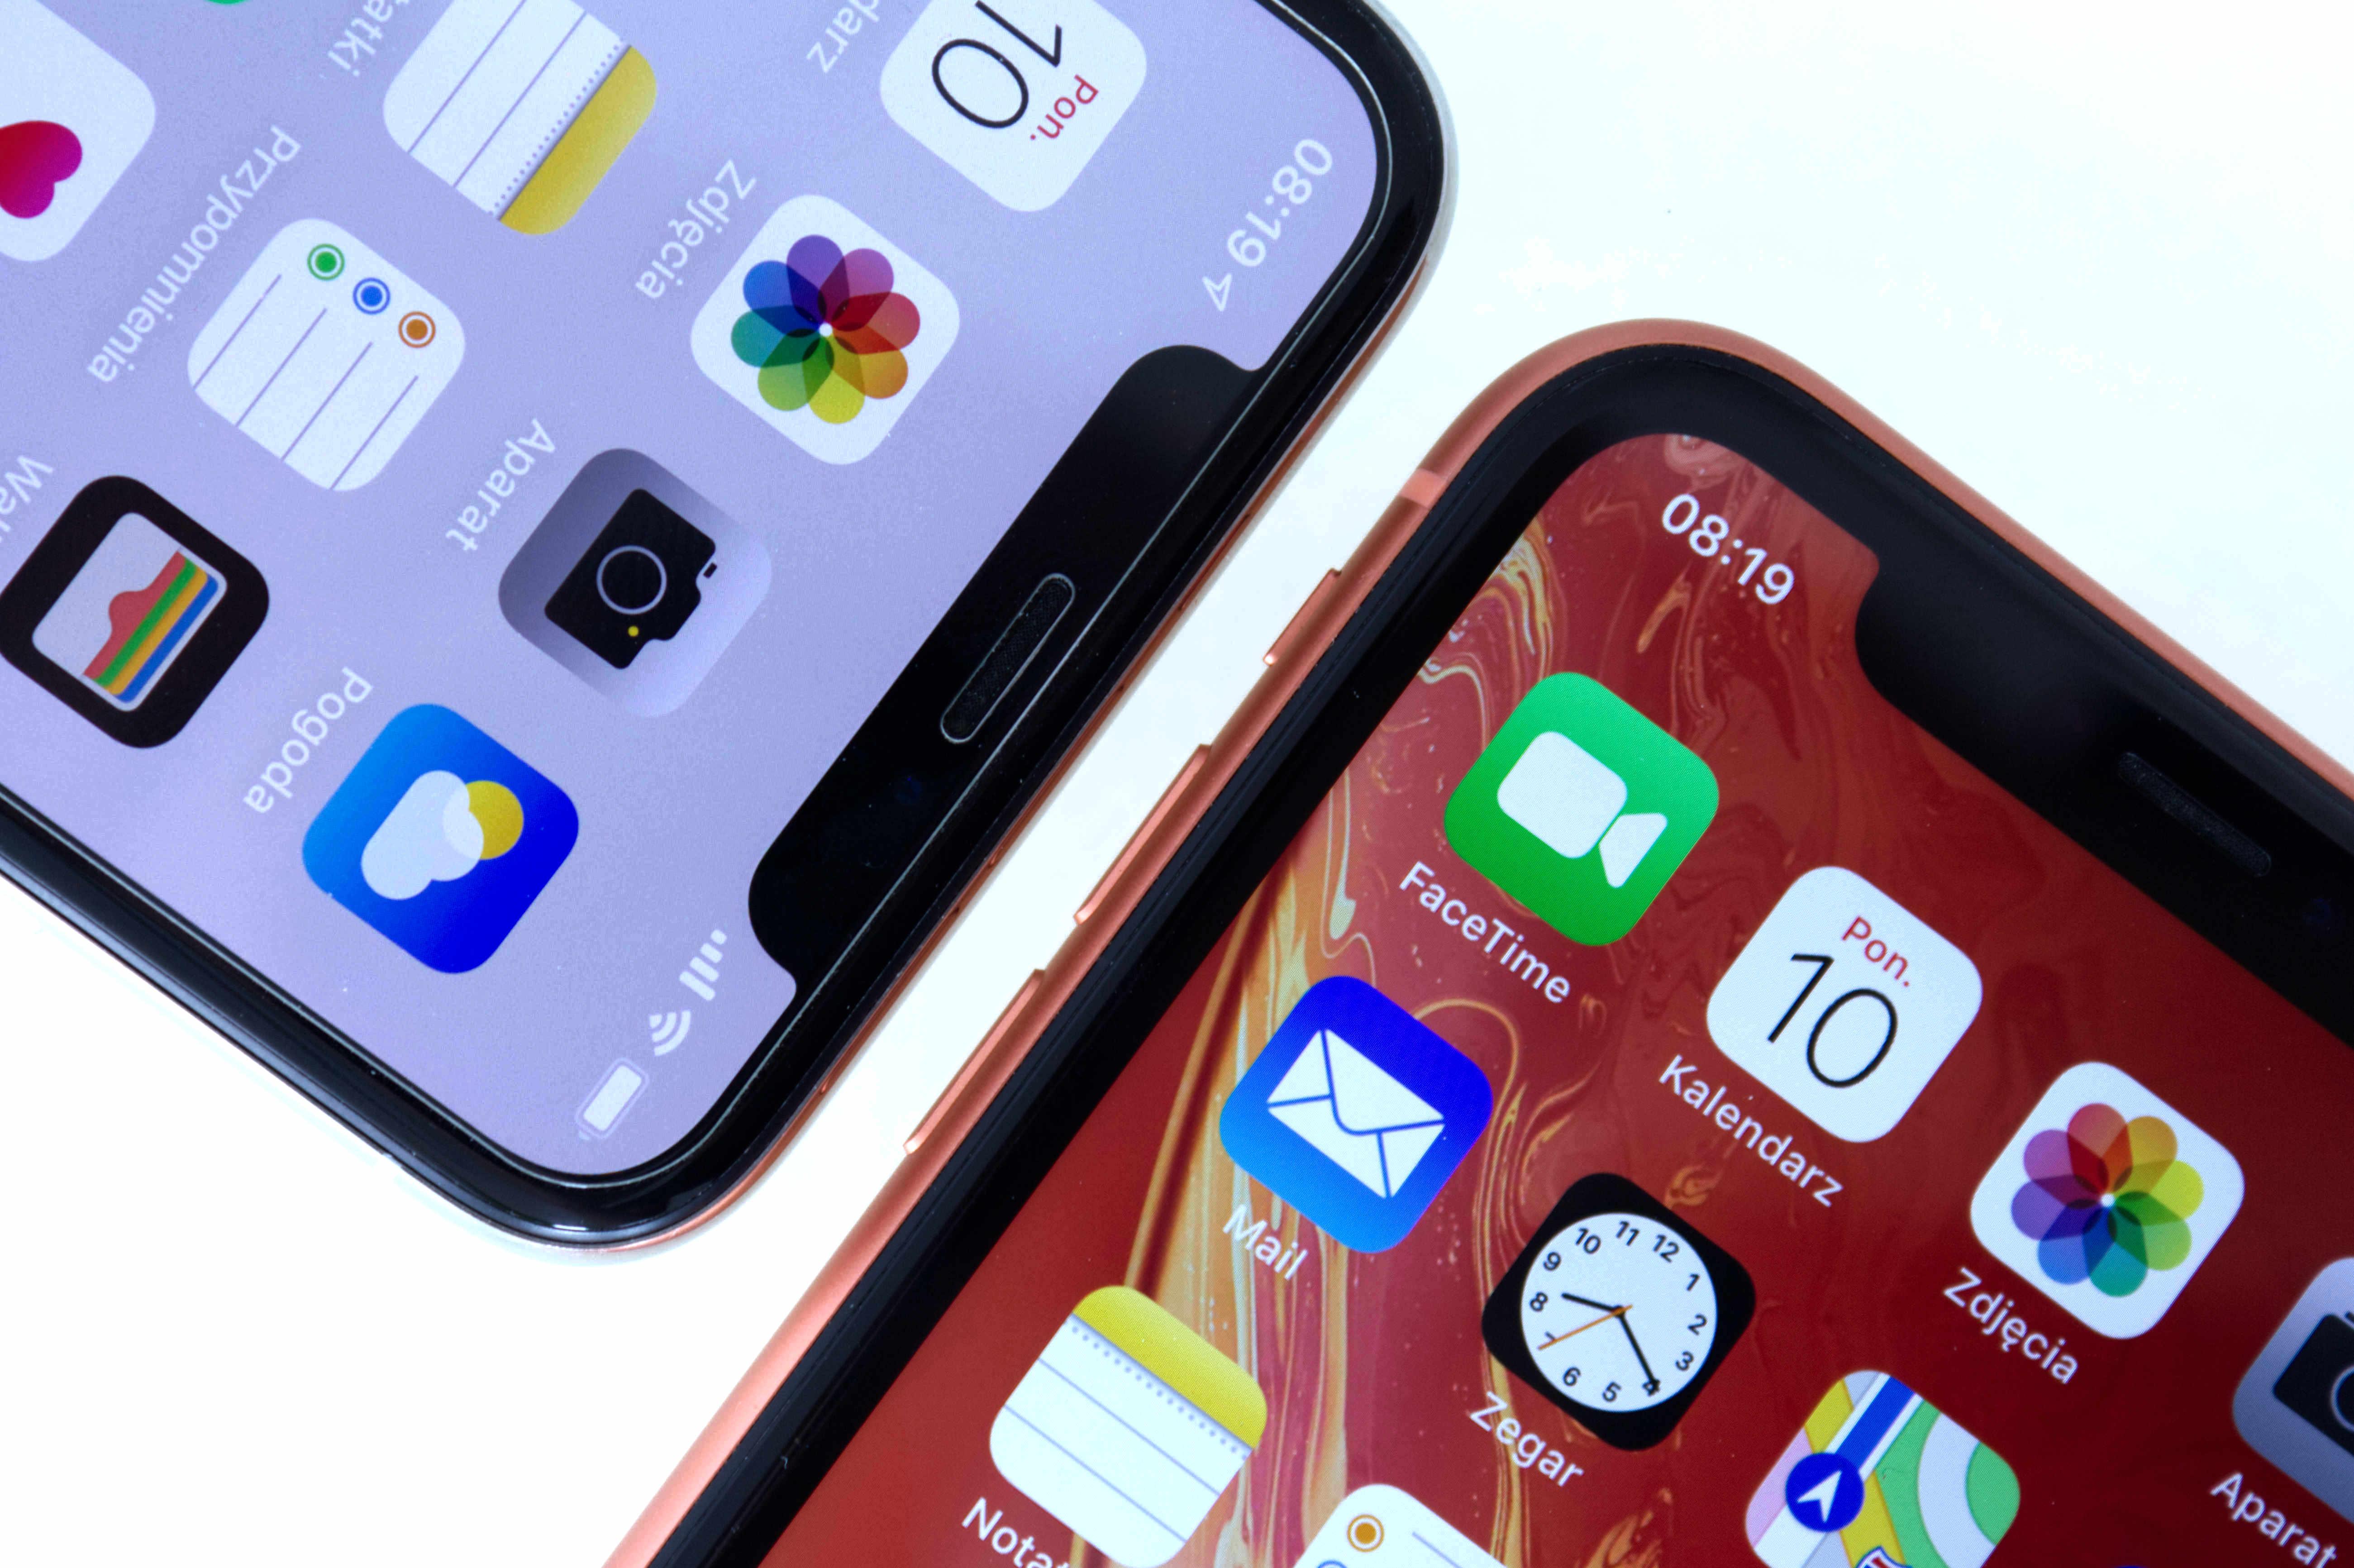 Klątwa notchy będzie ciążyć na iPhone'ach aż do 2020 roku 24